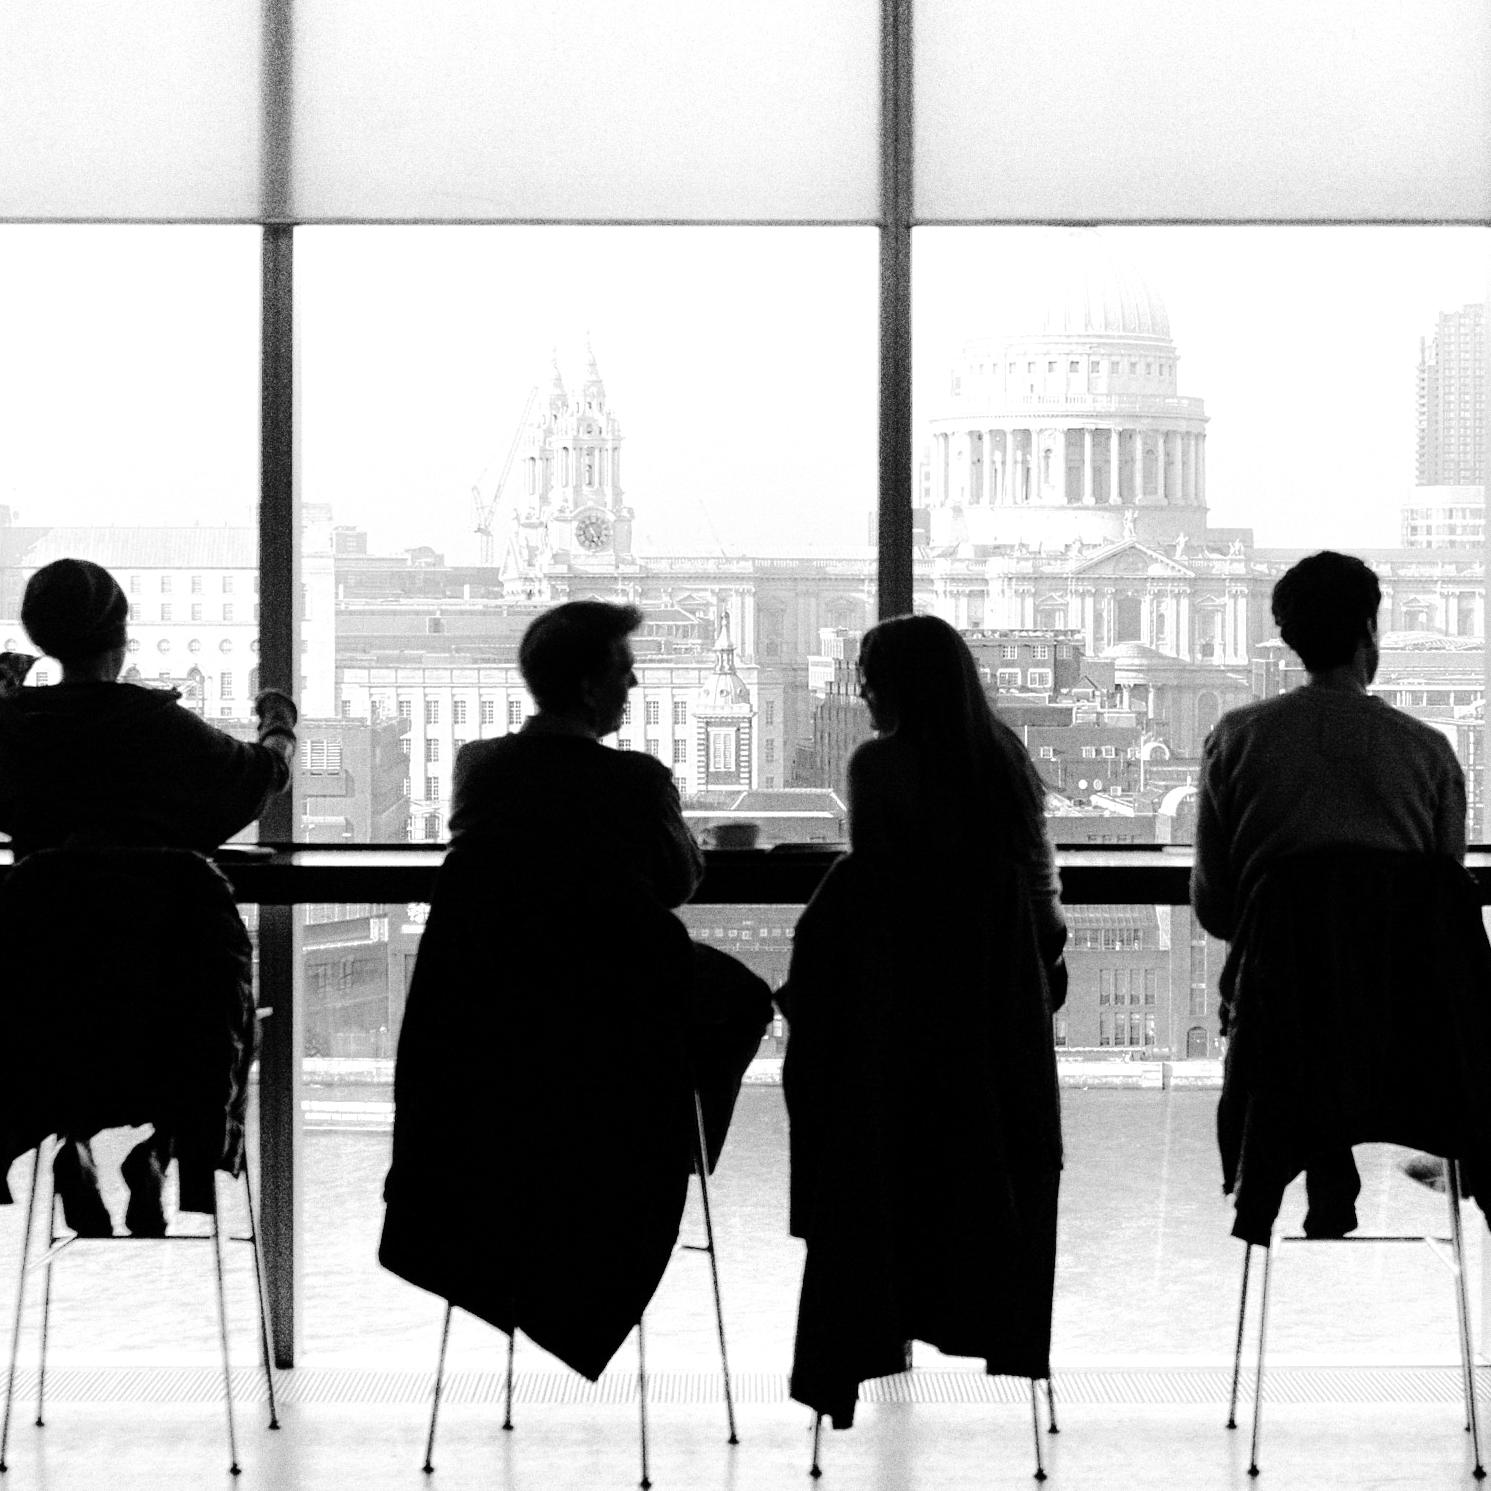 Consultoría de búsqueda y selección de Directivos - A través de metodología de búsqueda directa, profundo conocimiento de los sectores que trabajamos y herramientas innovadoras ofrecemos una identificación completa del mercado, detectando a los mejores profesionales, disponibles en cada caso y que mejor se ajusten al perfil demandado por la Corporación que recluta.